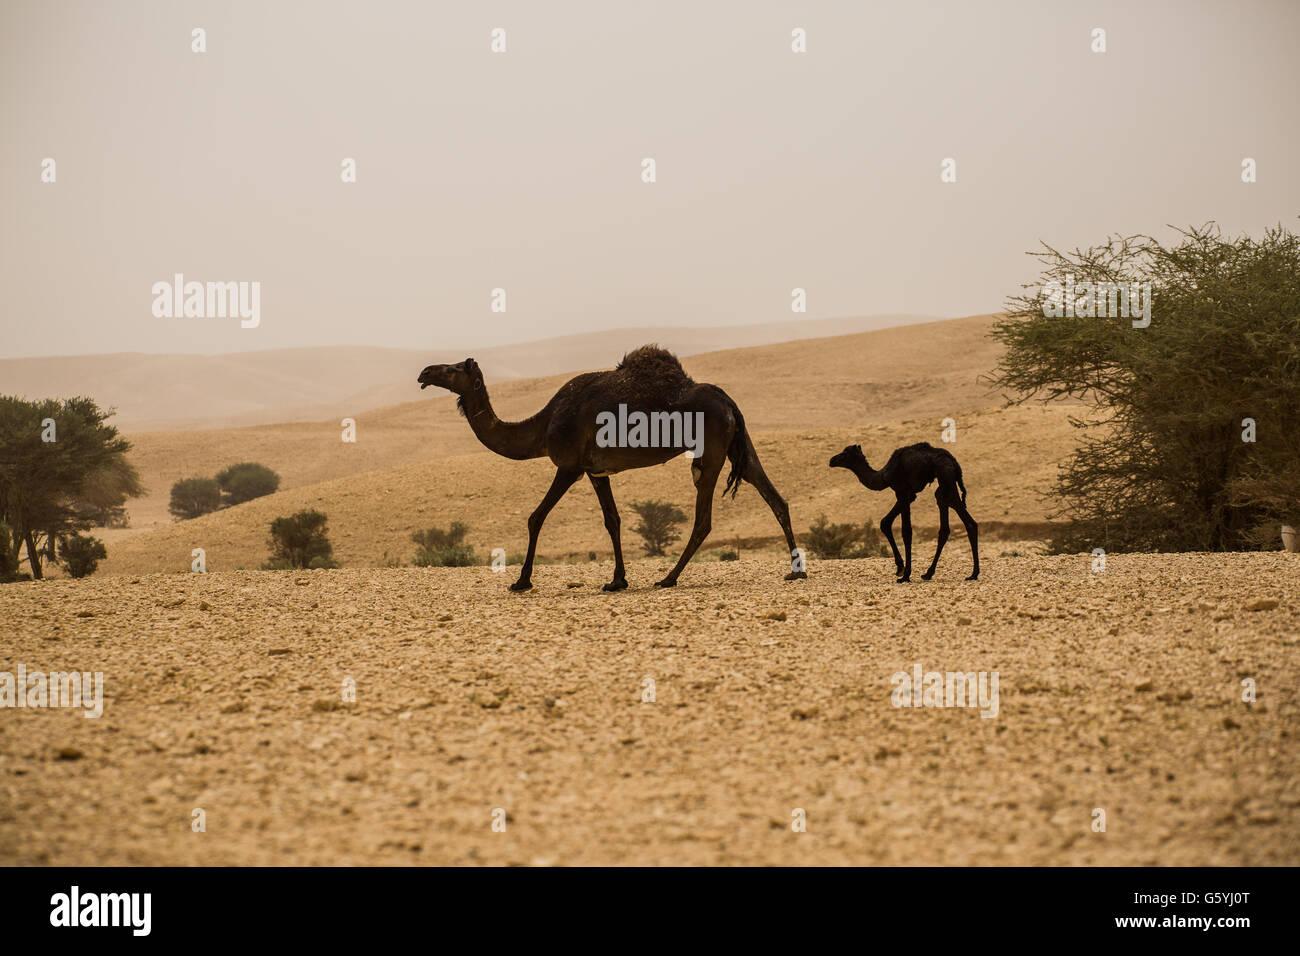 Kamel and baby kamel in Saudi Arabia desert - Stock Image